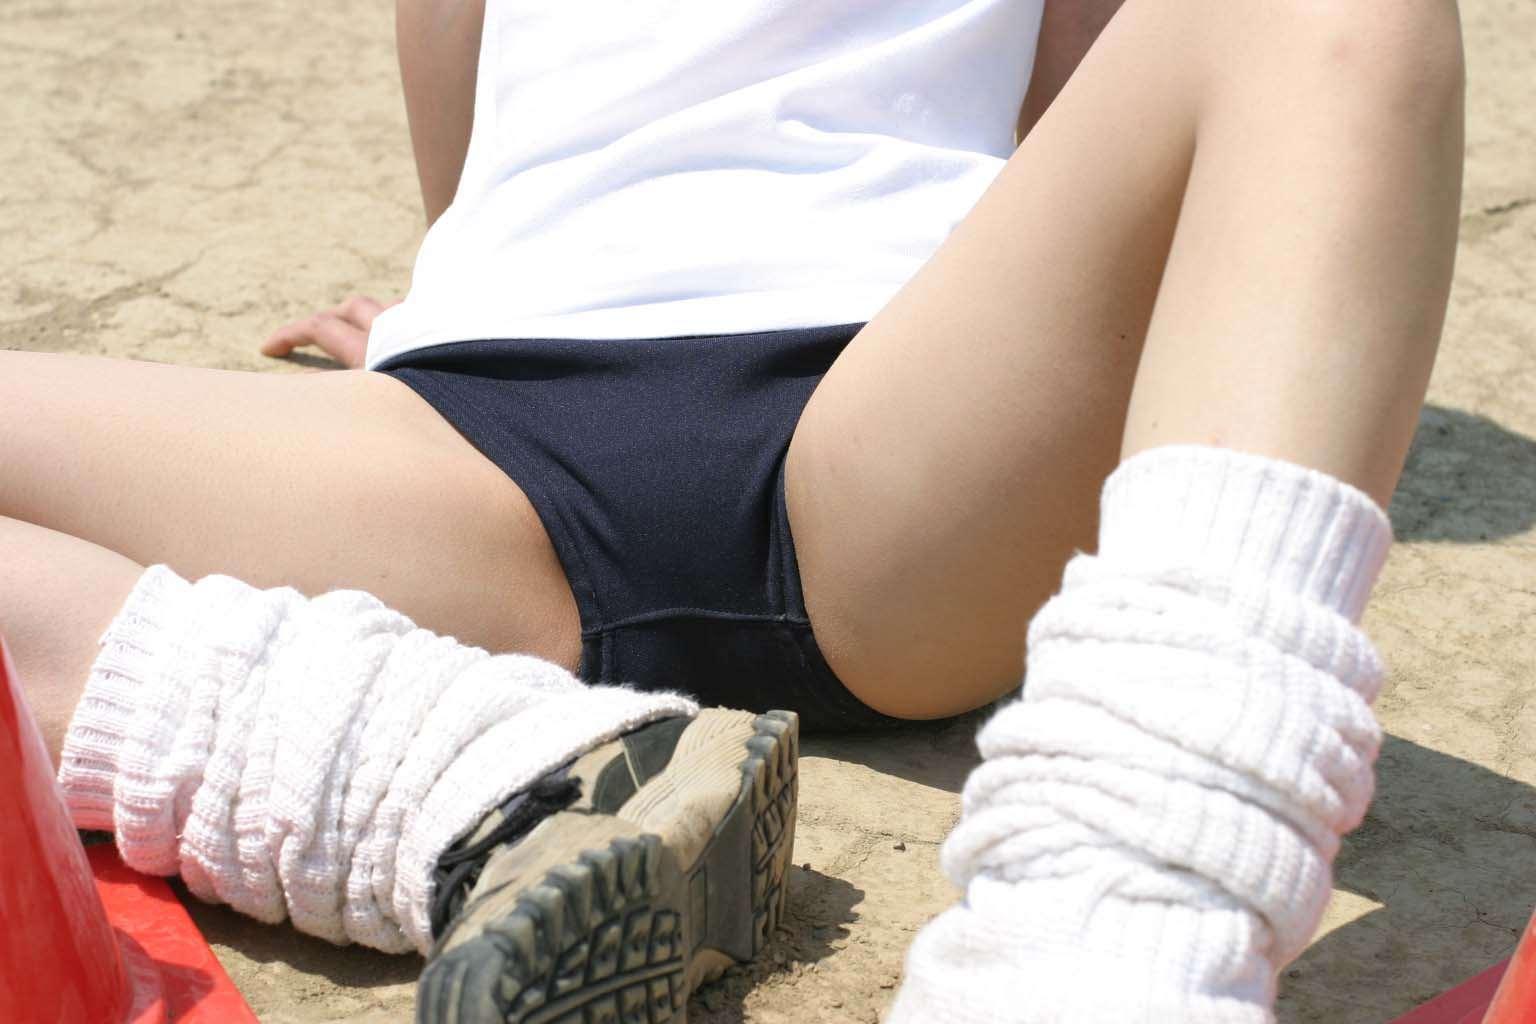 【盗撮画像】ガチリアル!体育で女子のブルマが良い眺め過ぎてずっと見てられるwww 0821